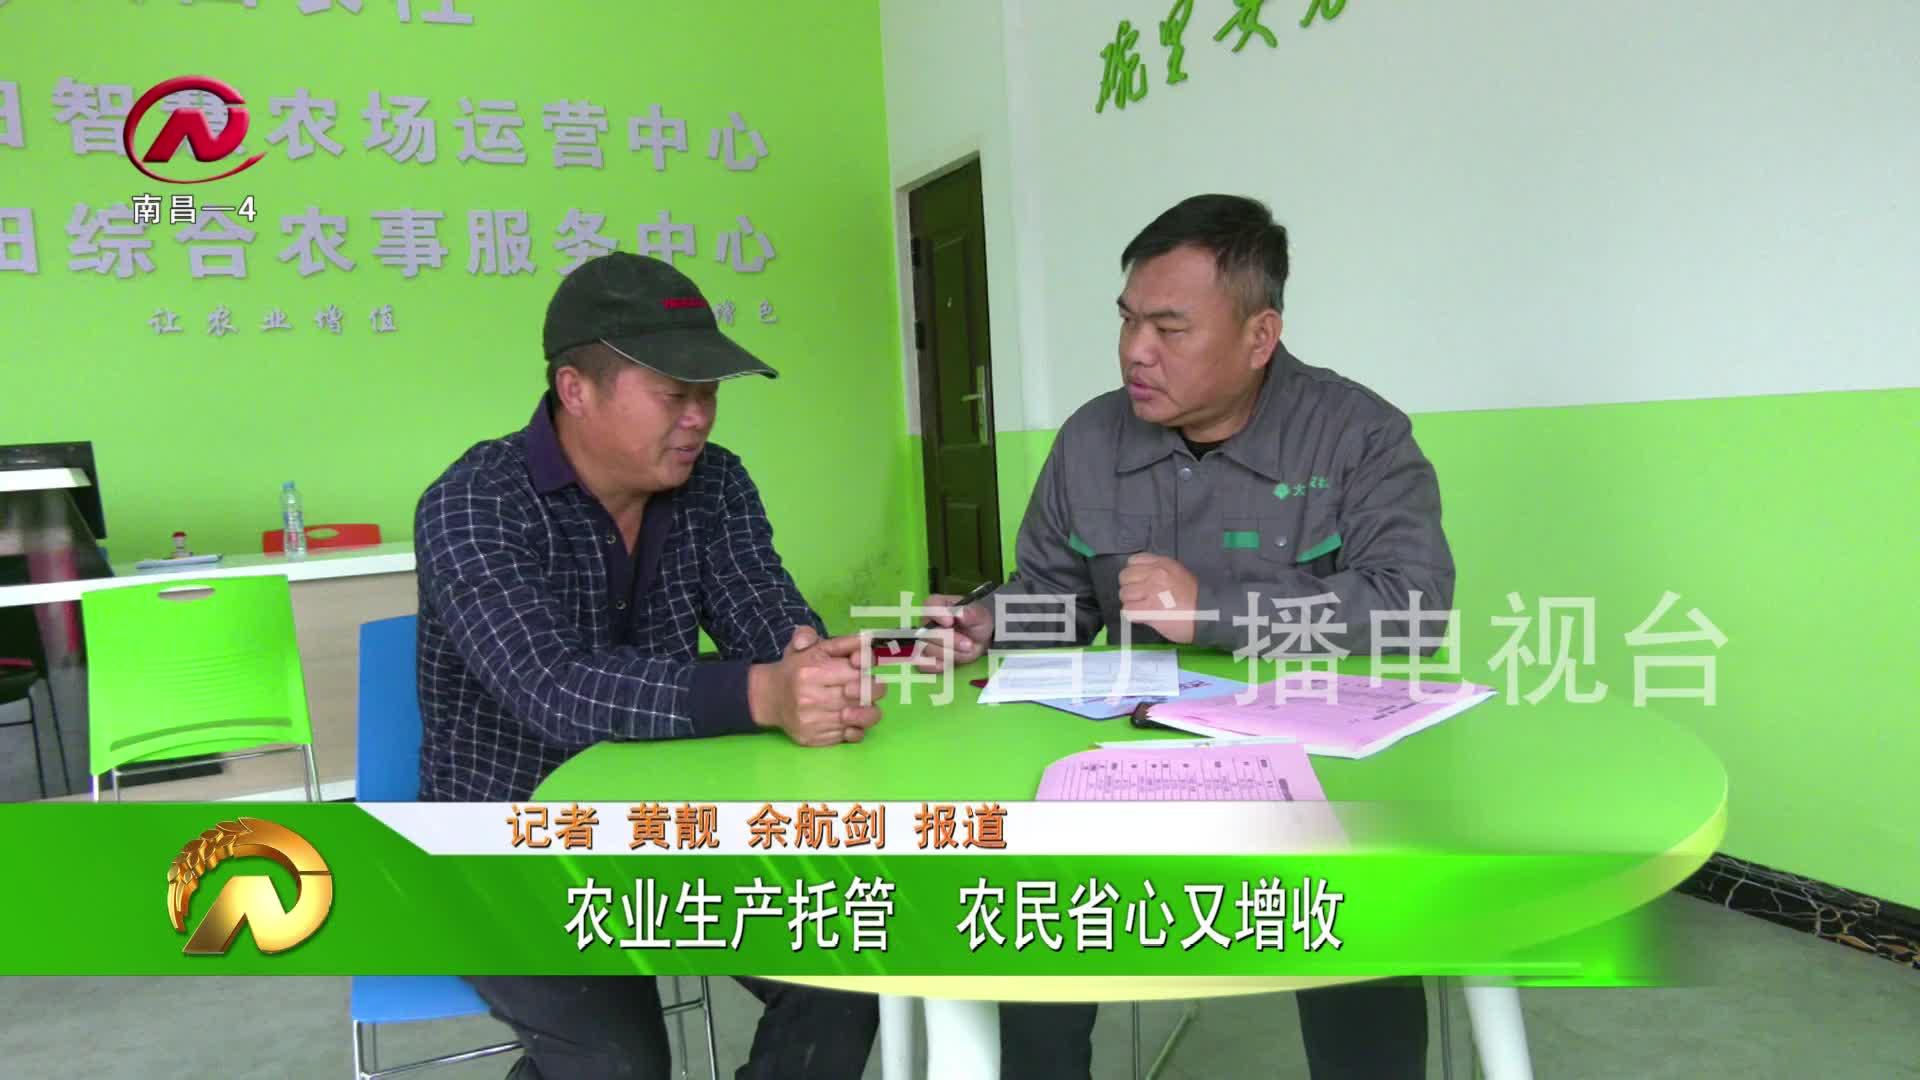 【豫章农视】农业生产托管   农民省心又增收